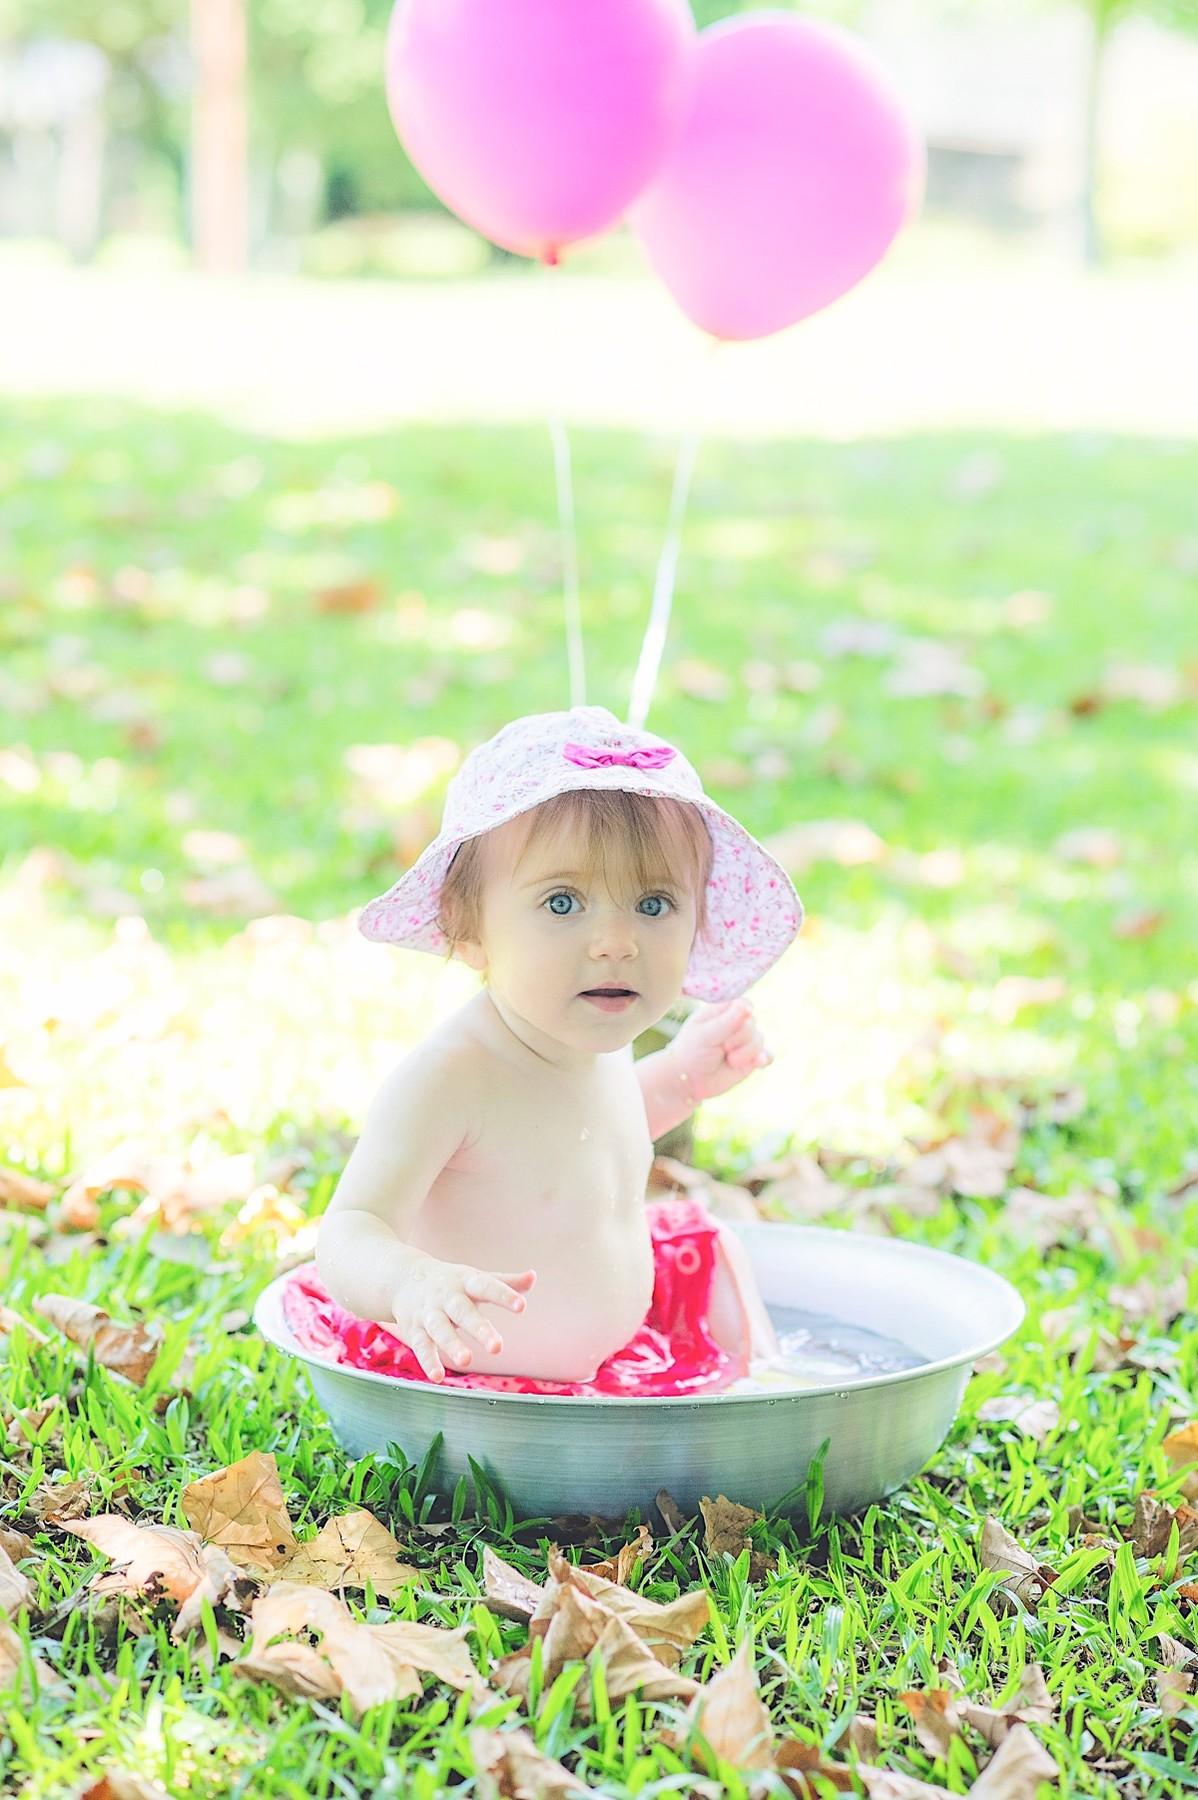 ana luisa - ensaio infantil - ensaio externo - pracinha - mãe de menina - são bento do sul - chroma fotografia